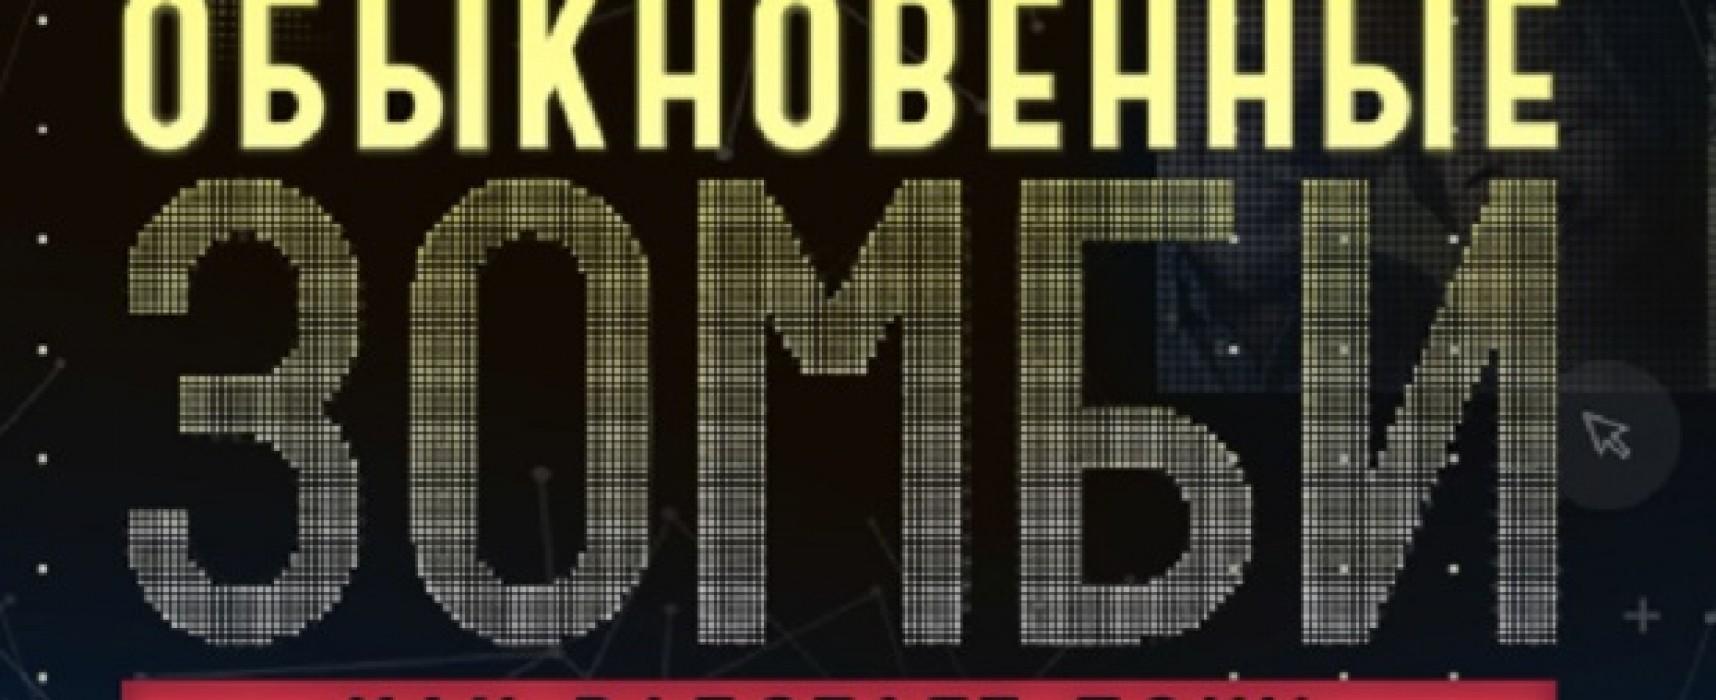 «Обыкновенные зомби»: как СМИ манипулируют своей аудиторией